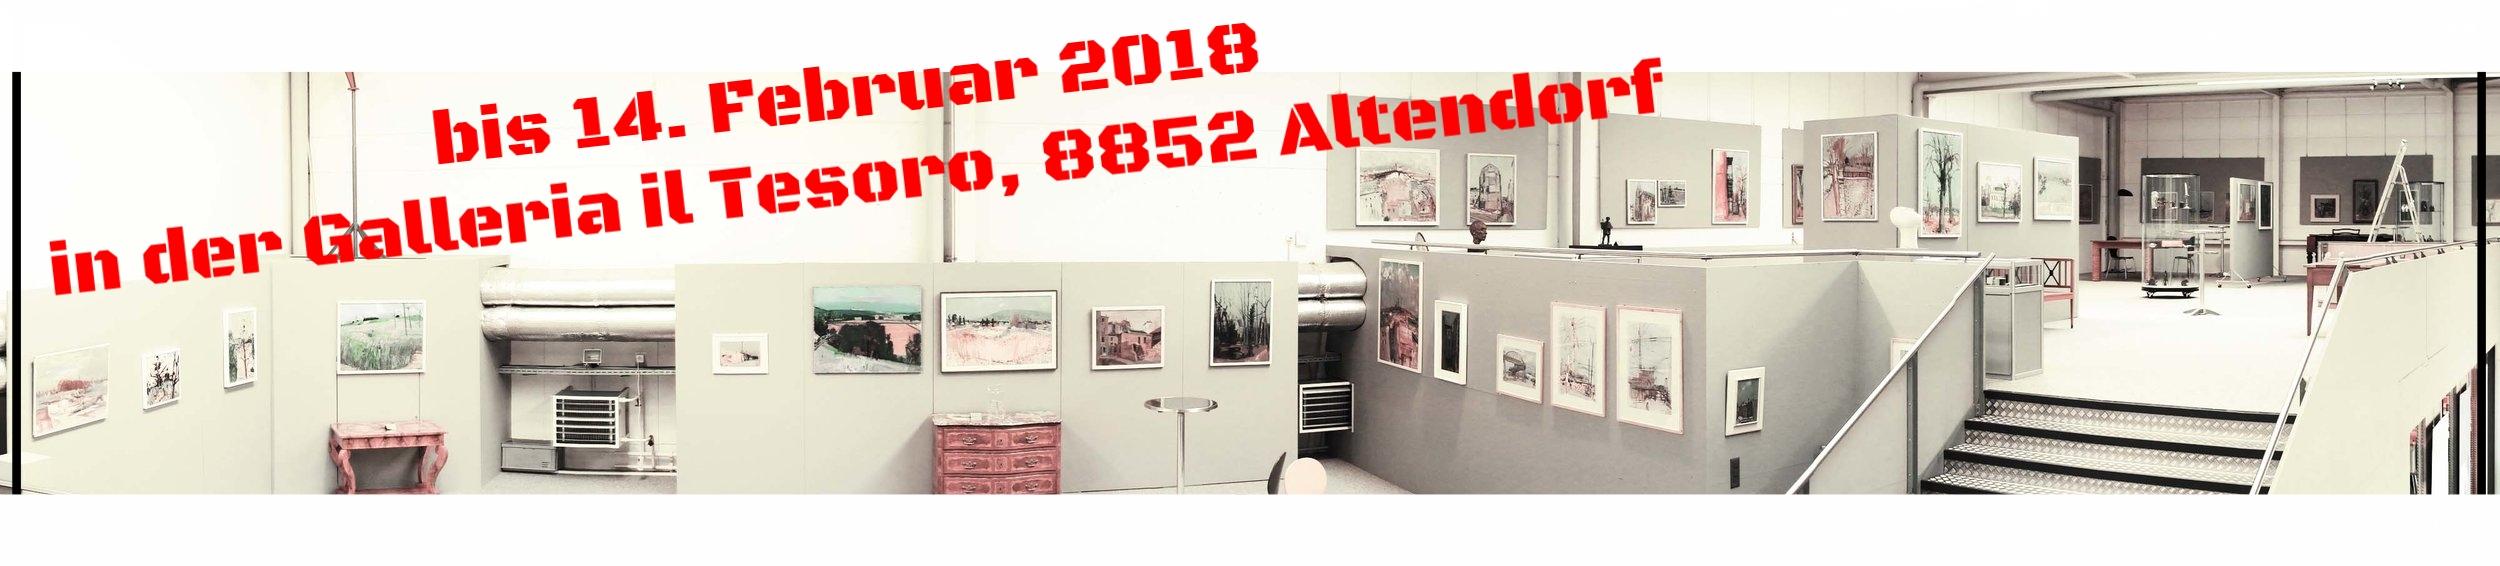 Unsere Exposition in der Galleria il Tesoro zu  Rudolf Zender (1902 Rüti - Winterthur 1988).